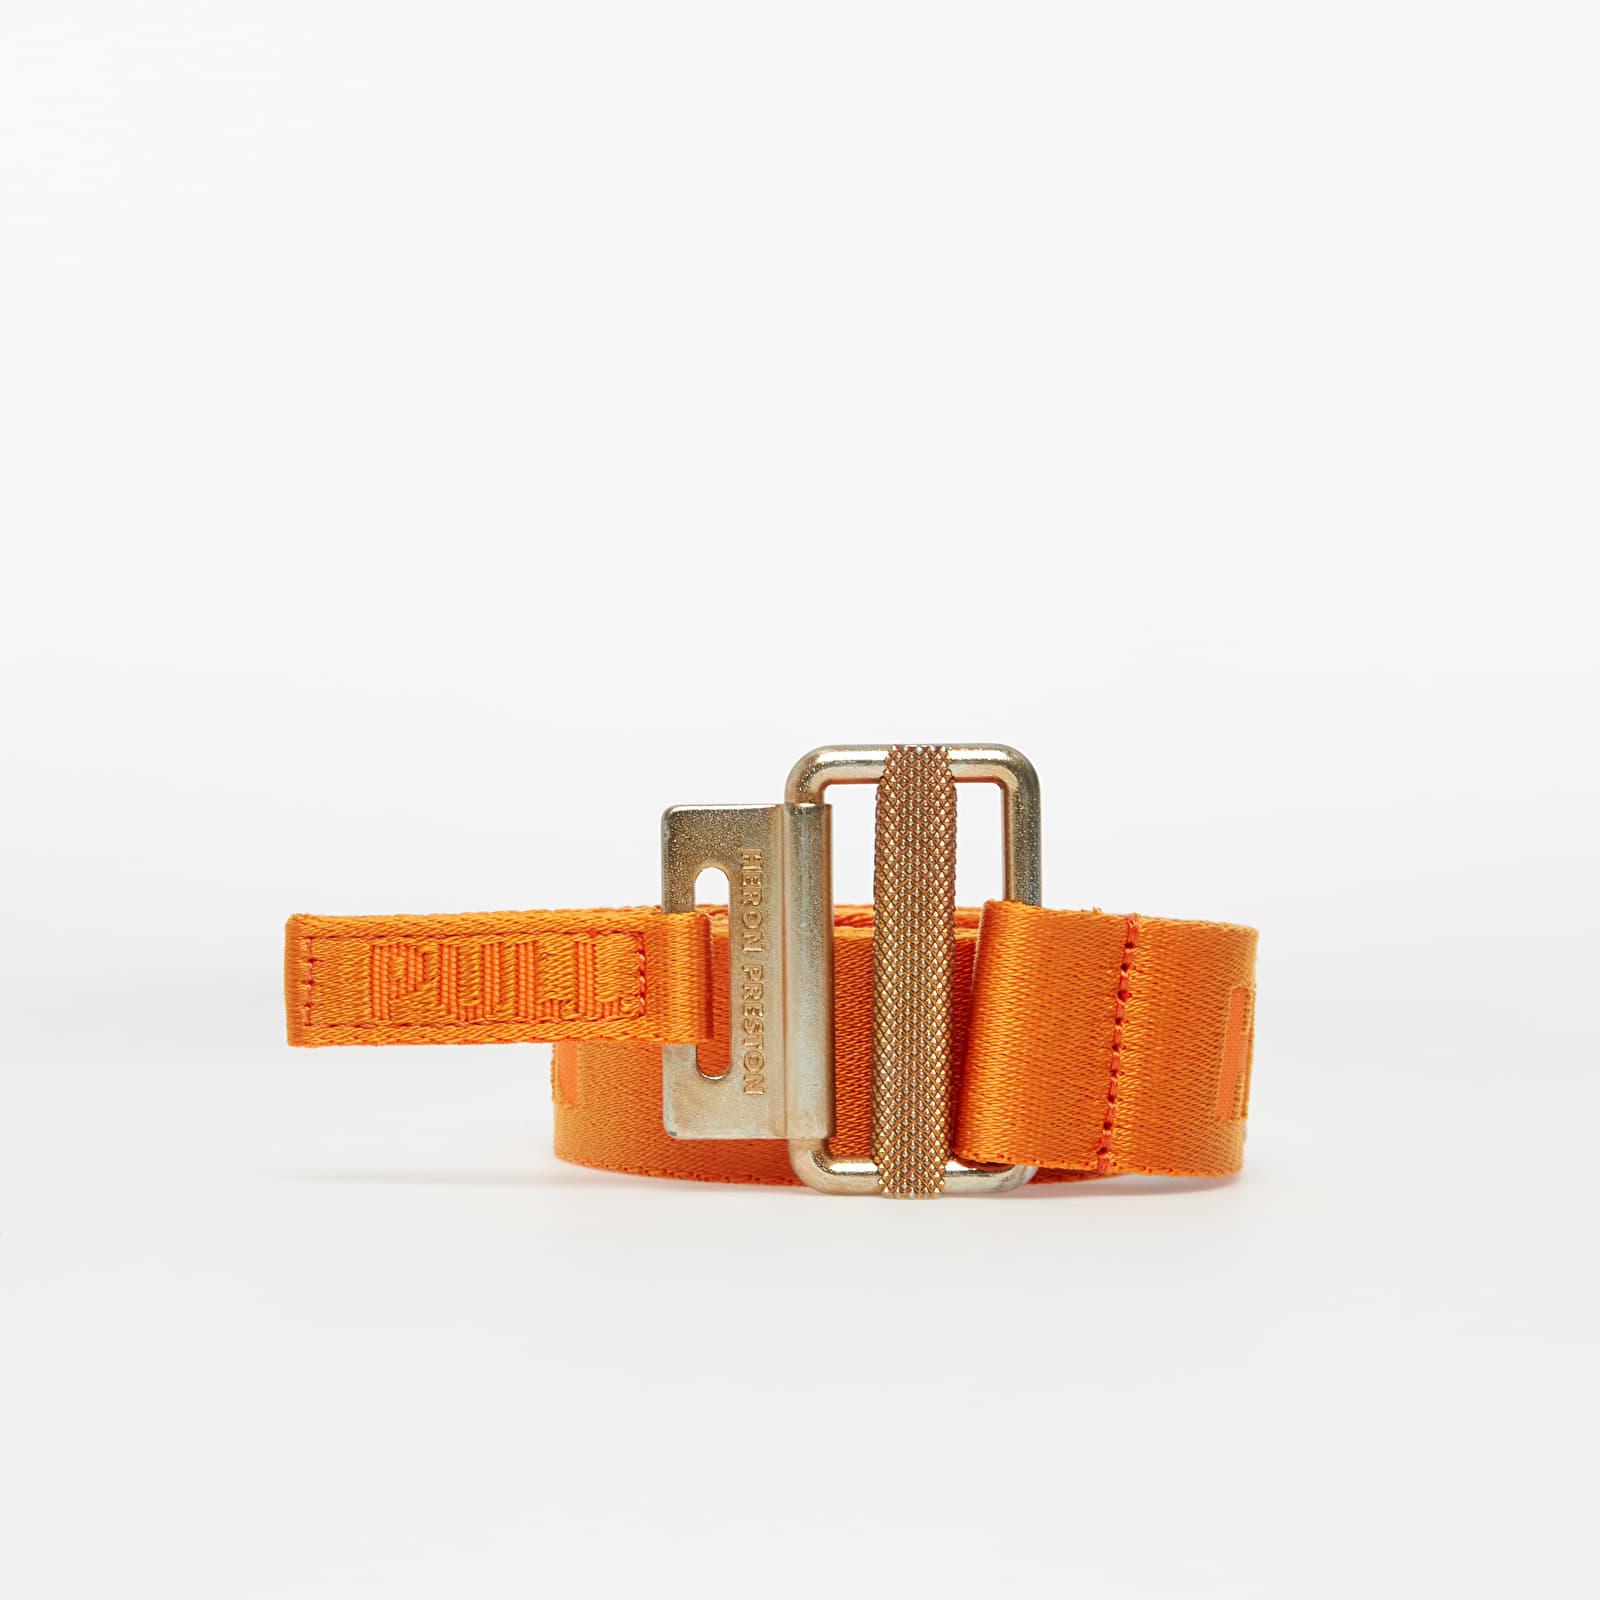 Gürtel HERON PRESTON Tape Belt Orange Gold